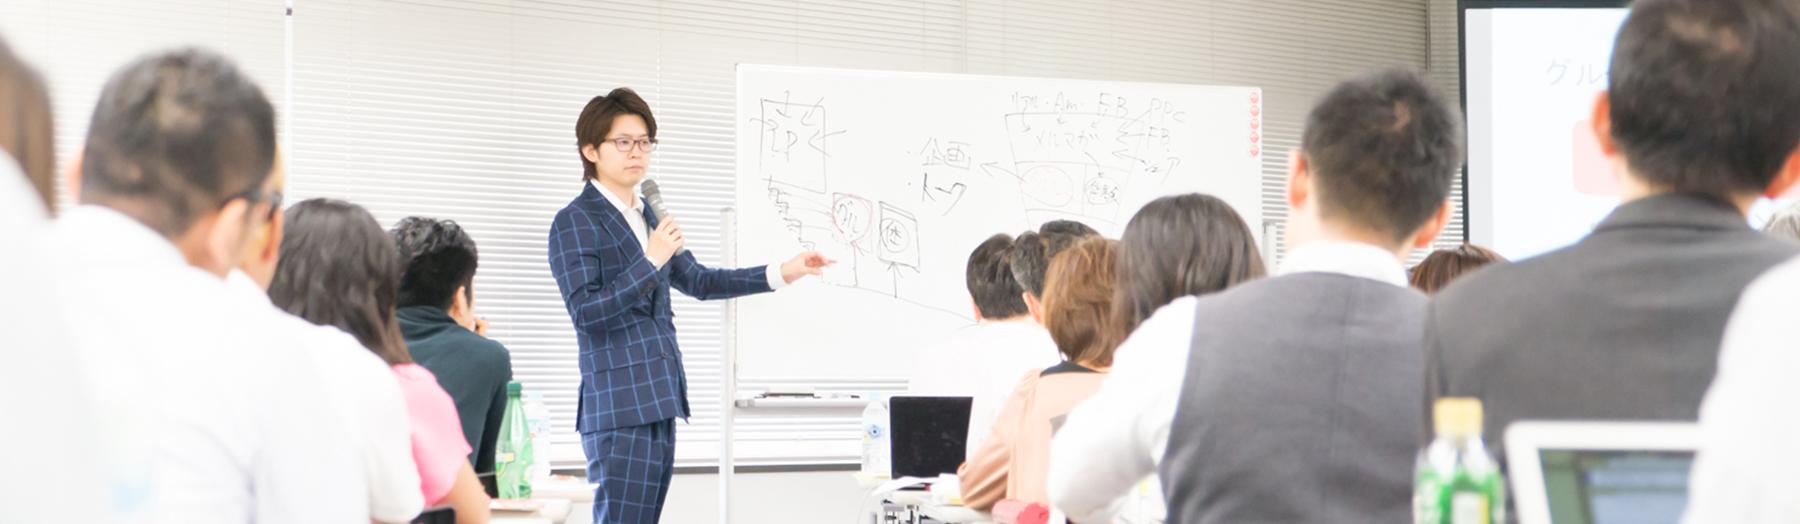 仙道達也のコーチング,コンサル起業×ブログ集客 わかりやすさNO1教室!